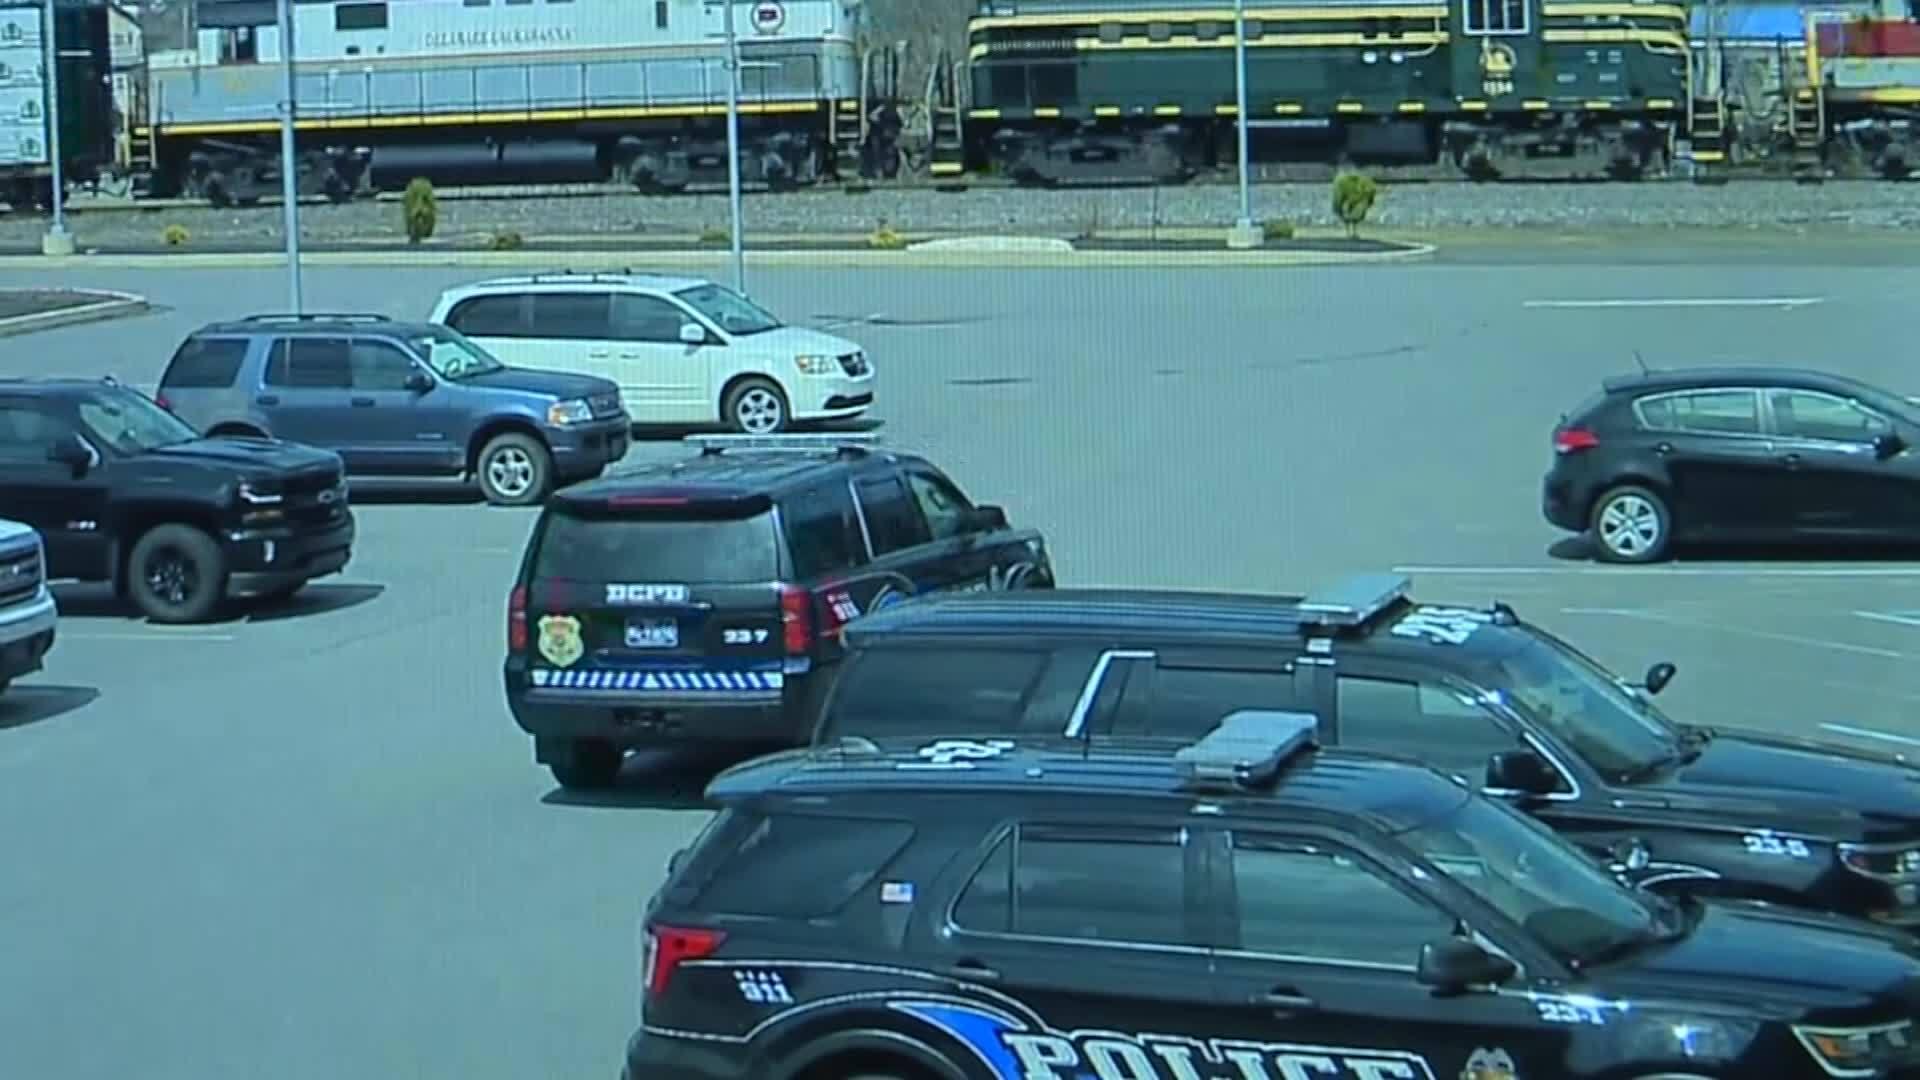 Caught_On_Camera__Train_derails_in_North_3_20190410105616